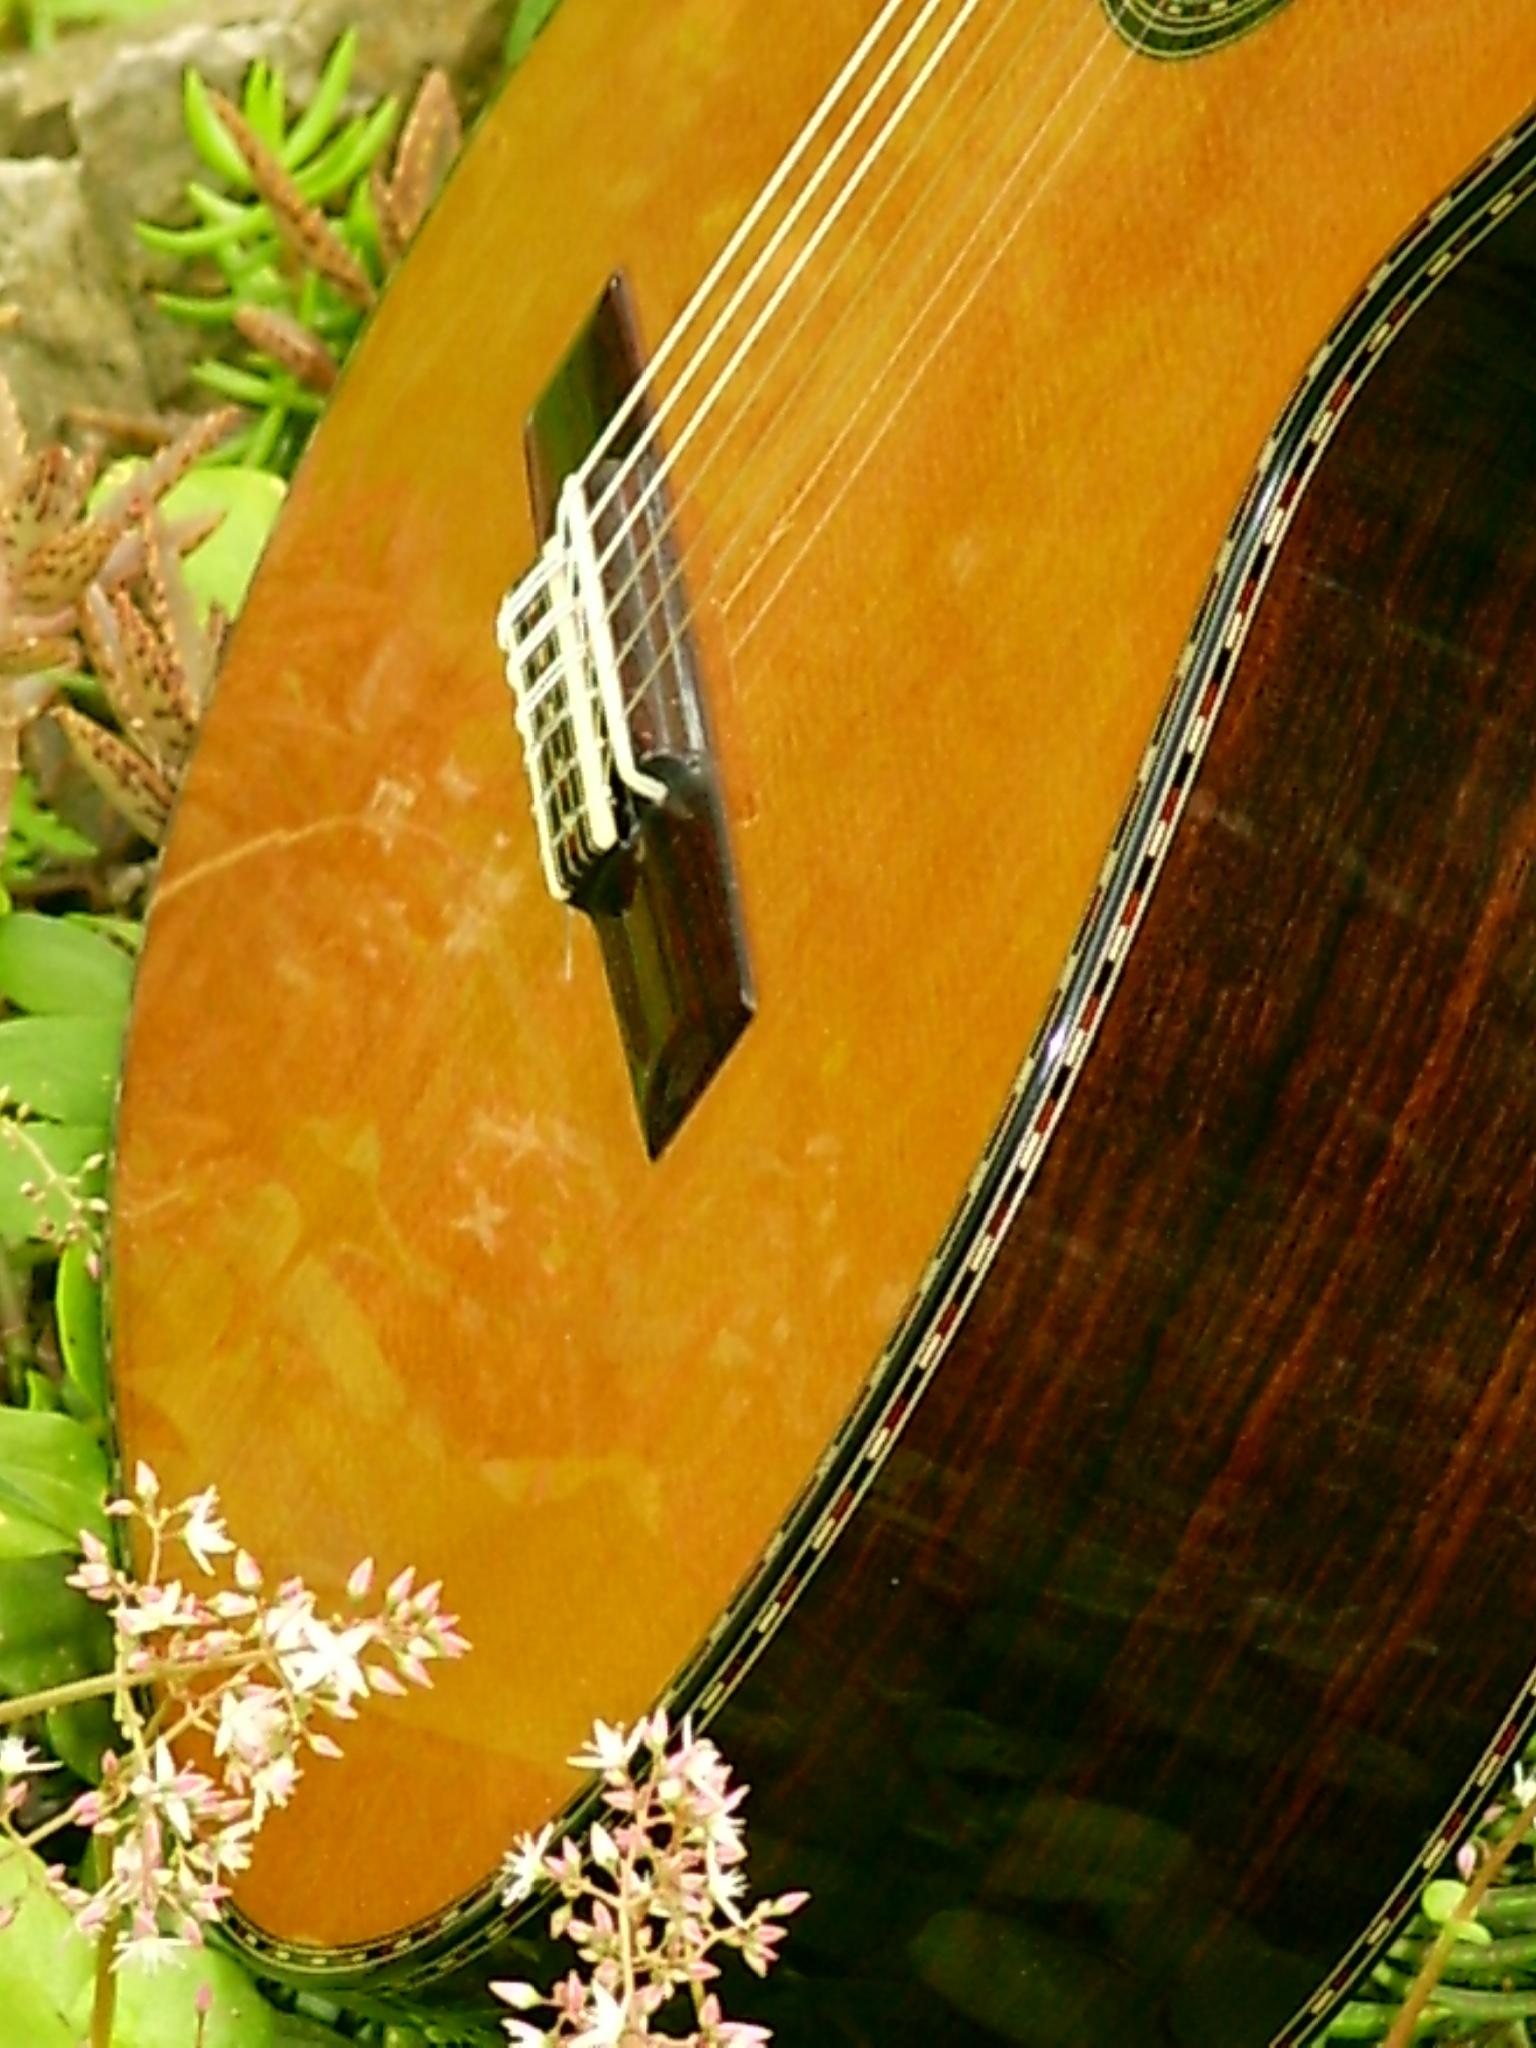 Cedar and rosewood guitar in nature